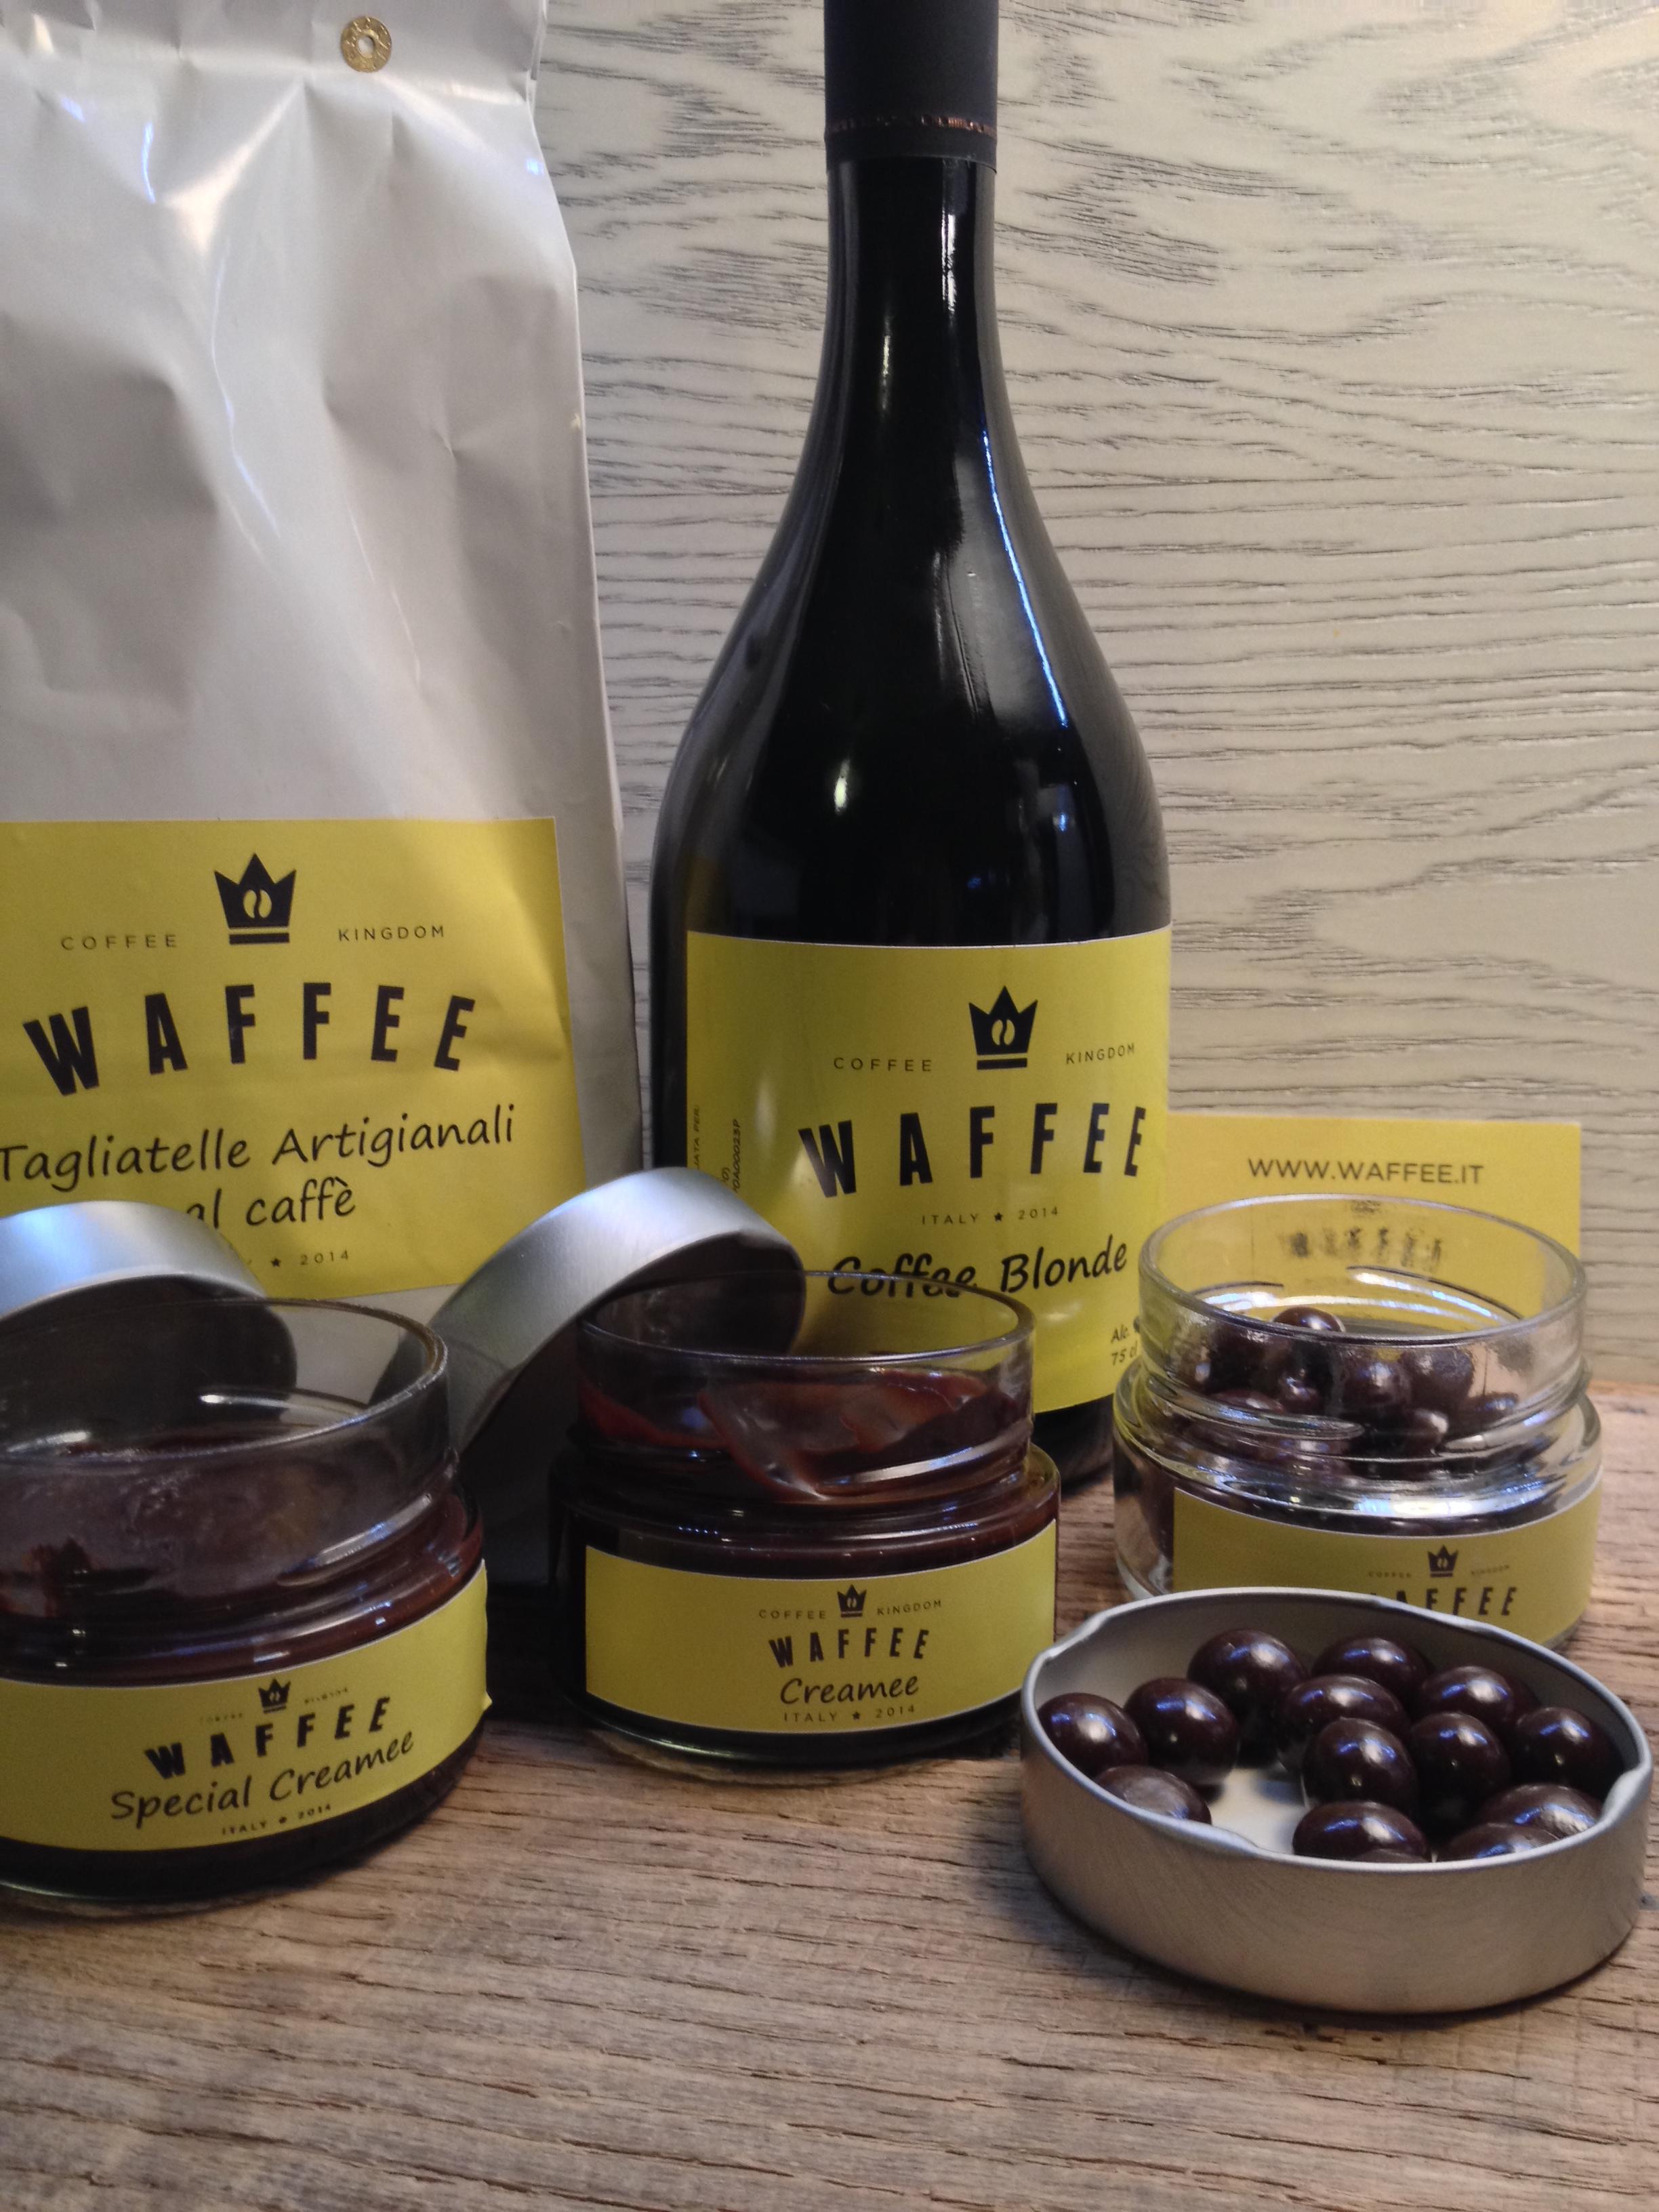 Nuova collaborazione Waffee-Coffee Kingdom